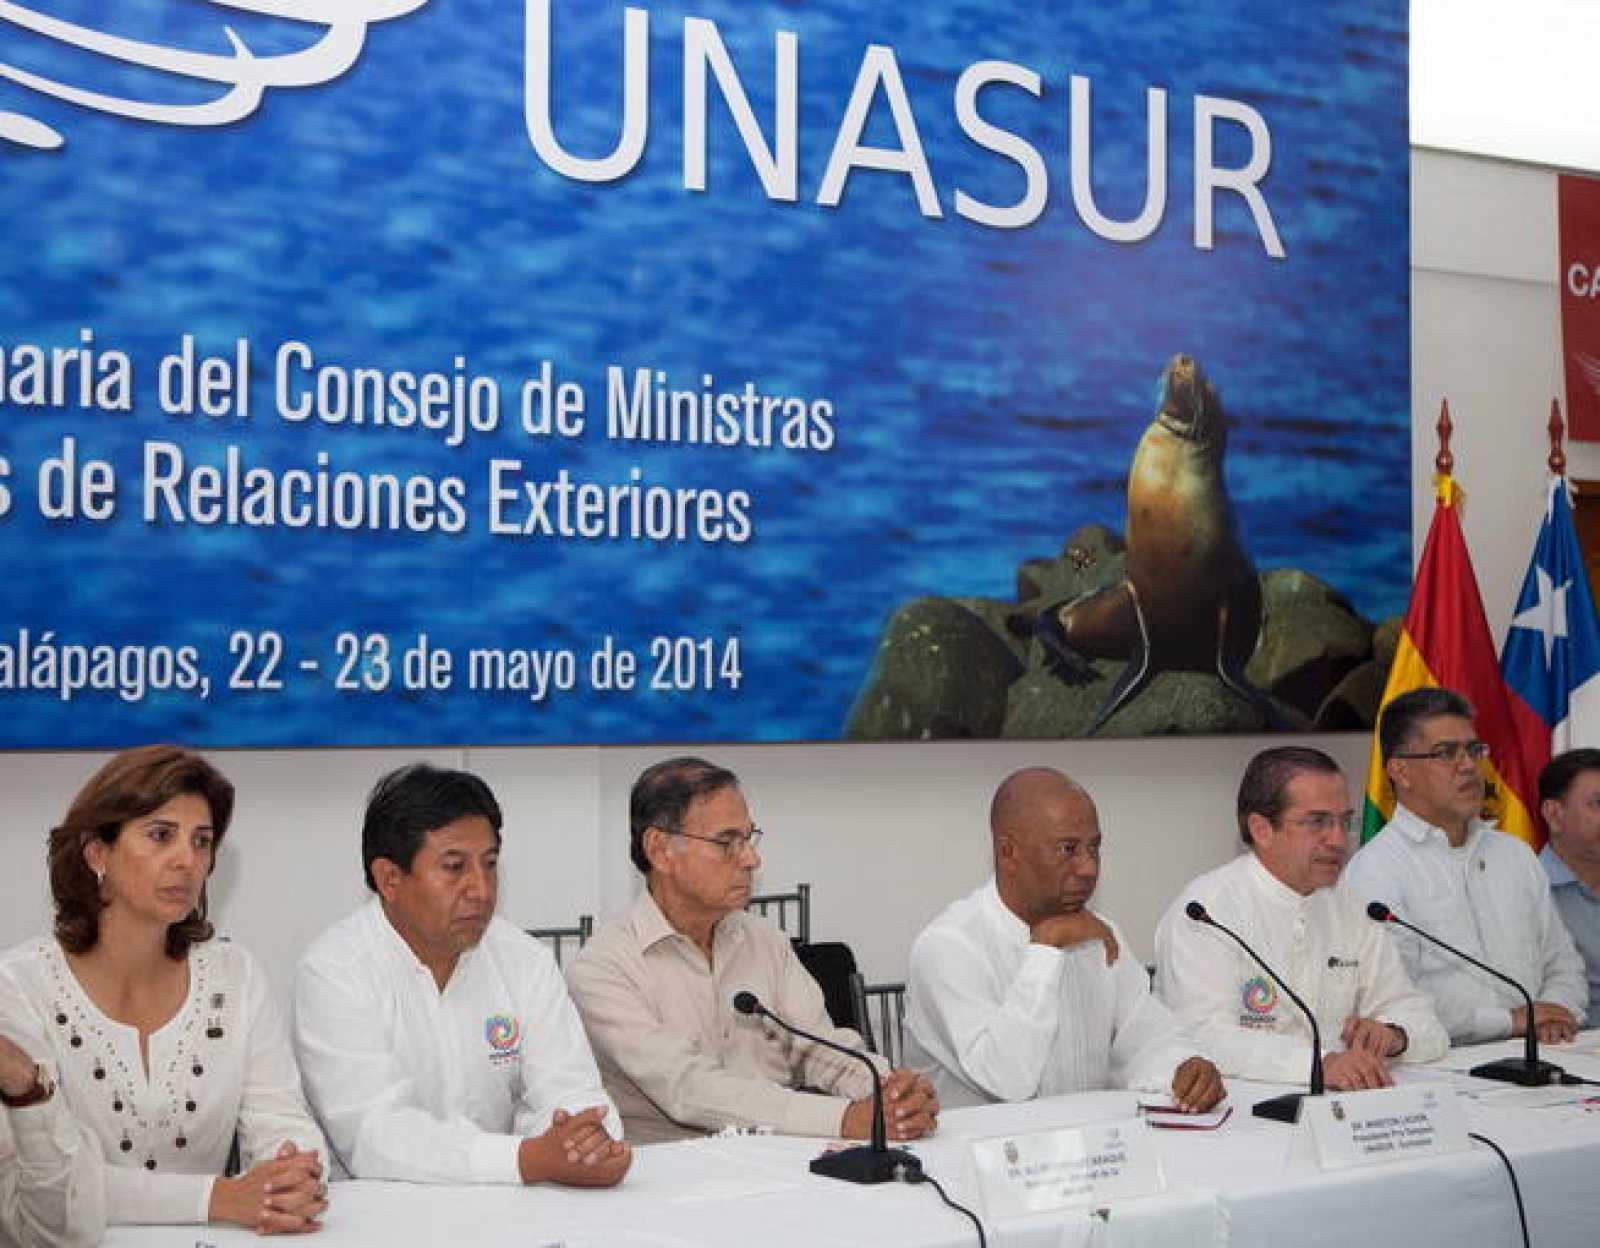 Los cancilleres miembros de Unasur comparecen ante los medios para comunicar el rechazo a la propuesta estadounidense